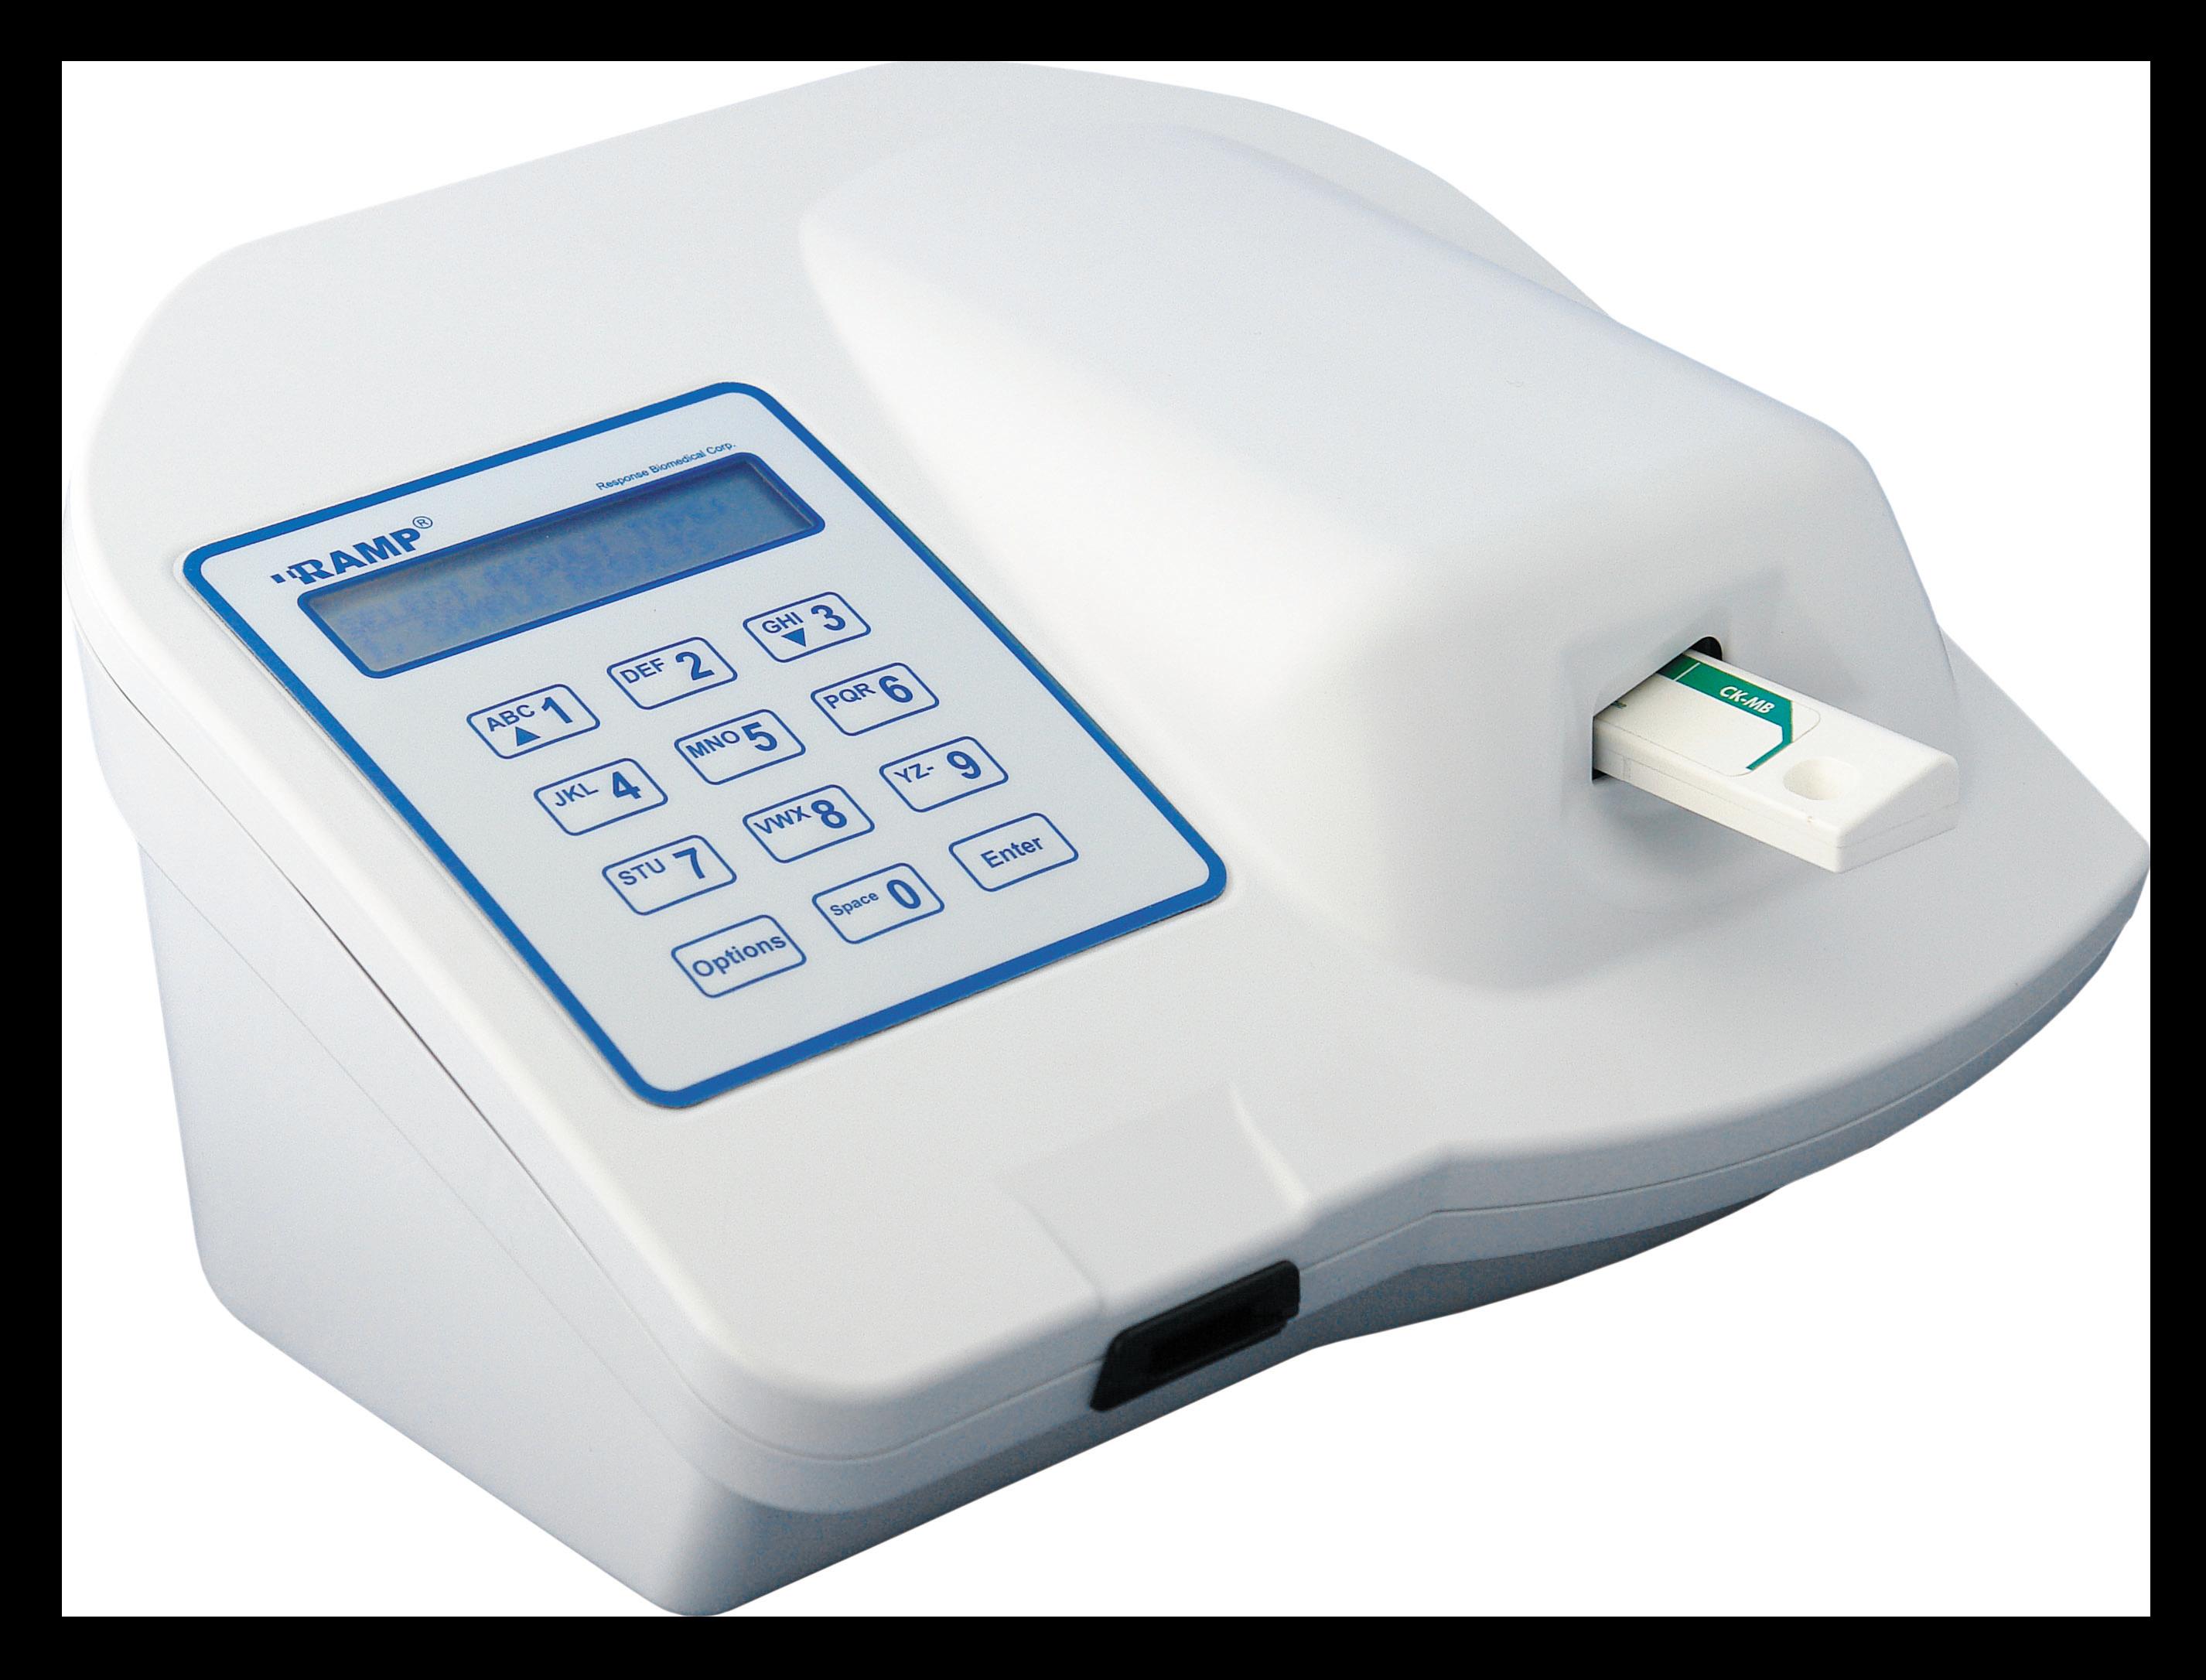 RAMP Reader System. Анализатор флуориметрический для быстрого количественного определения маркеров неотложных состояний